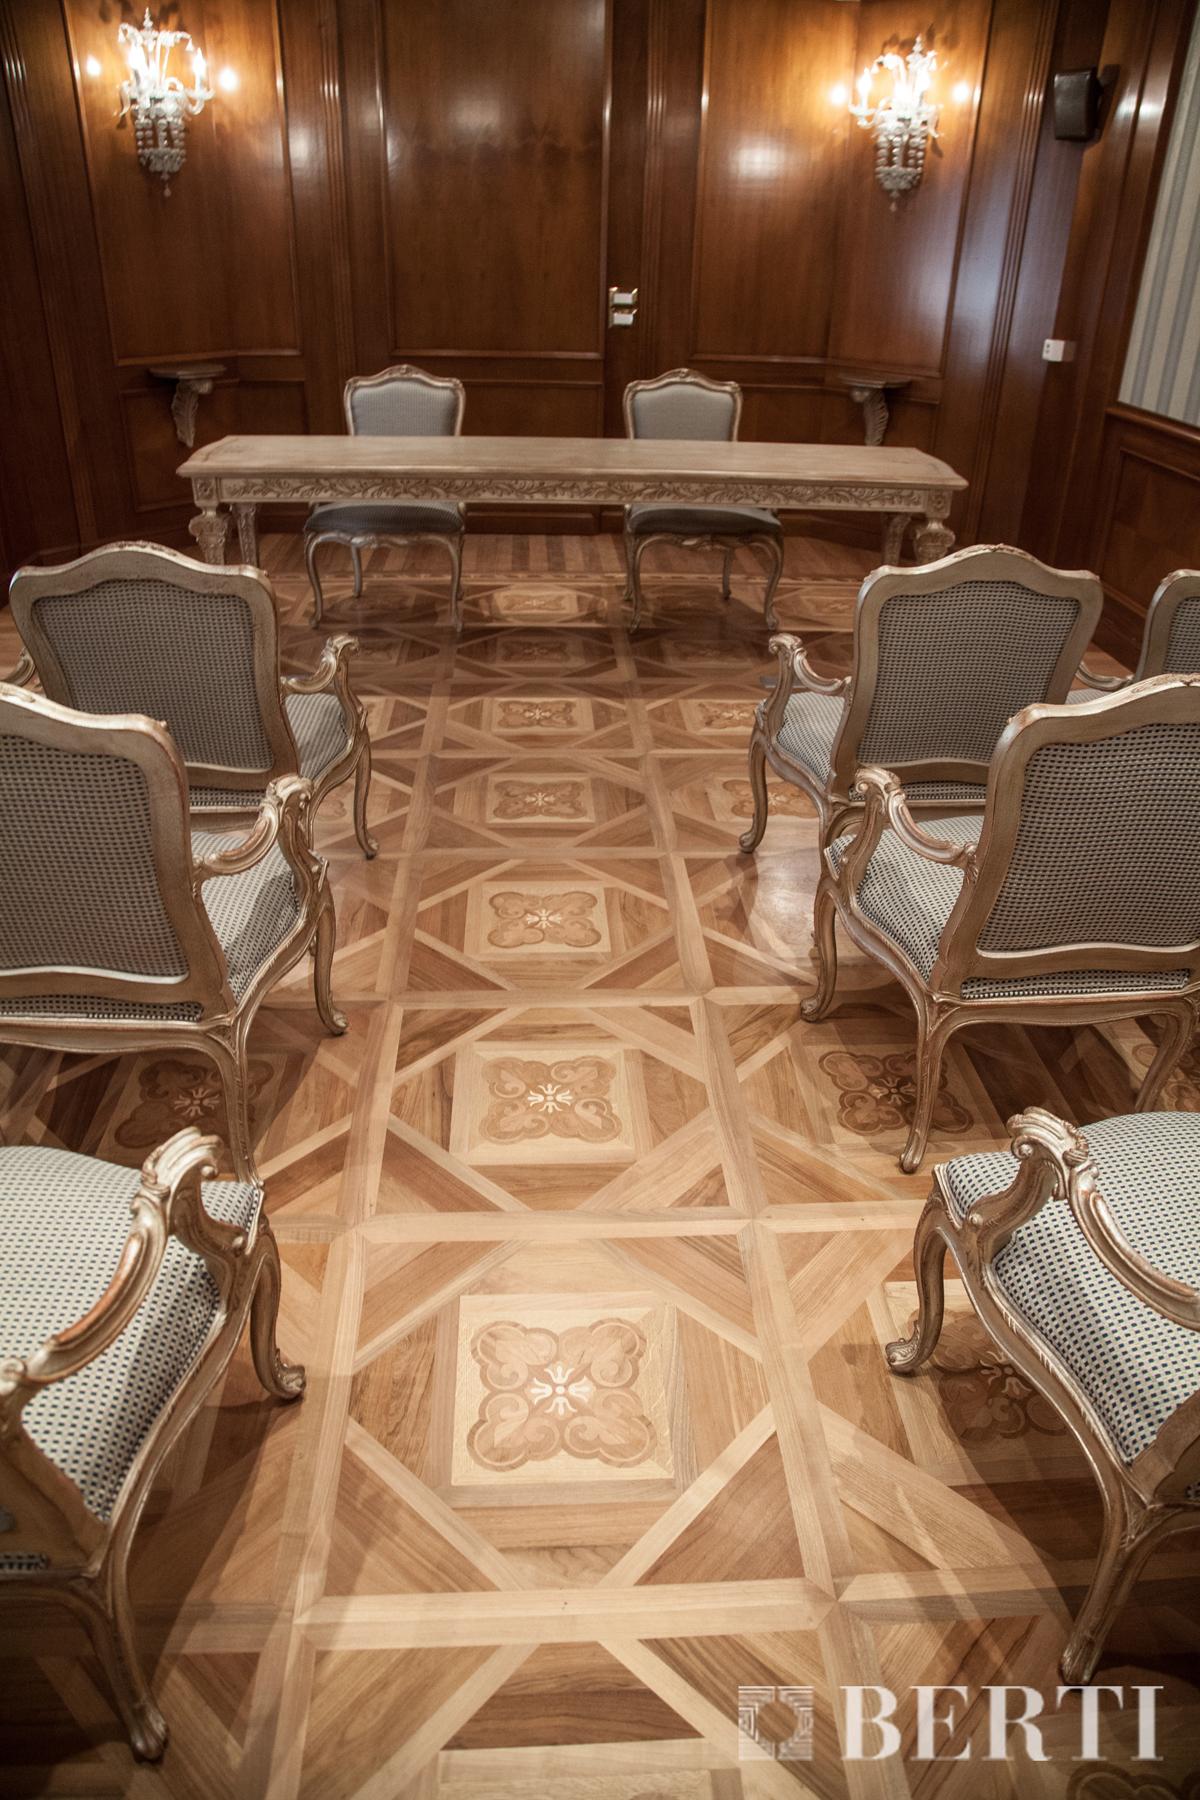 Berti pavimenti legno - National Theatre in Baku_3